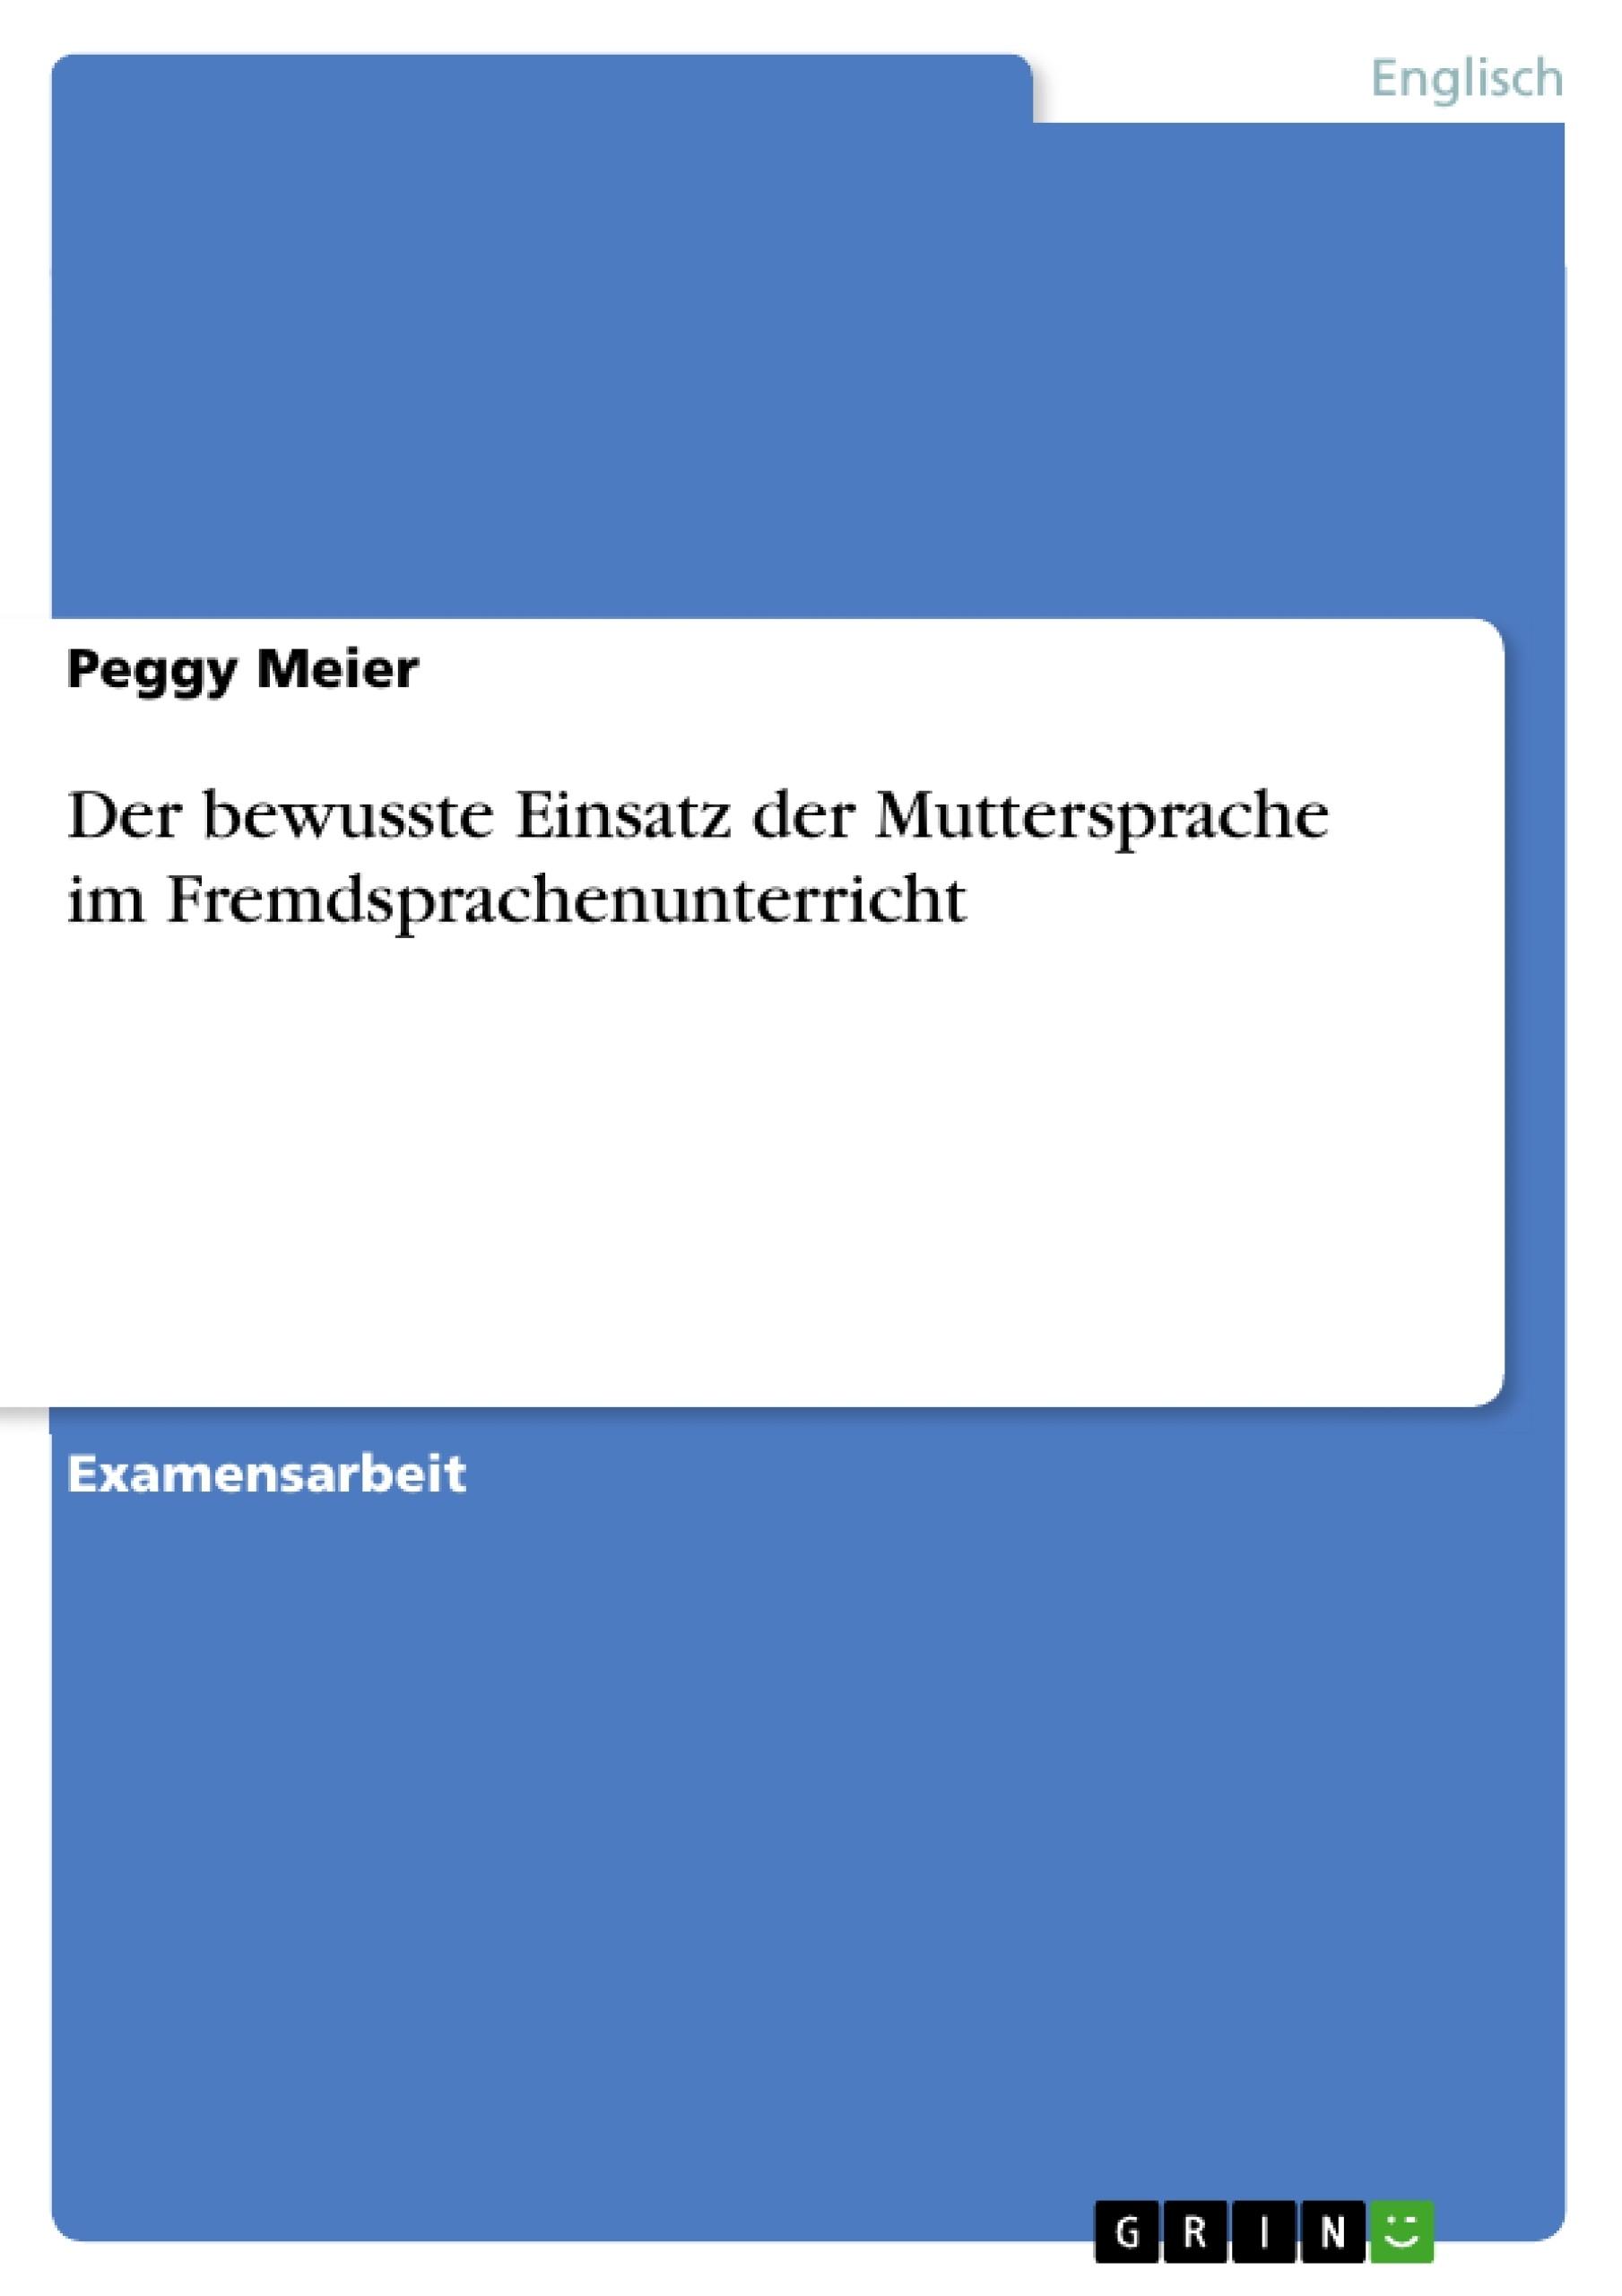 Titel: Der bewusste Einsatz der Muttersprache im Fremdsprachenunterricht